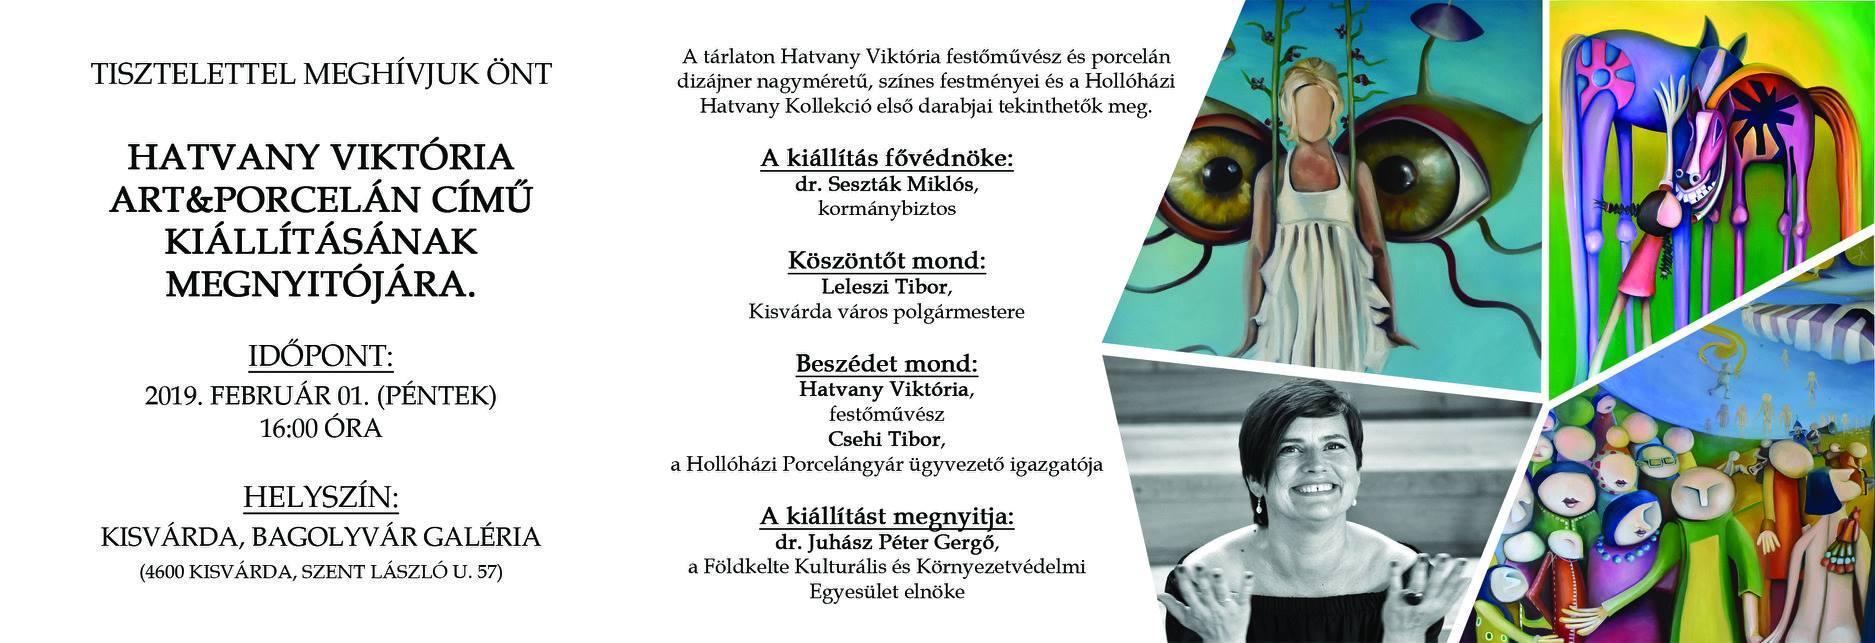 Hivatalos meghívó - Kisvárda, Hatvany kiállítás - Bagolyvár galéria 2019.